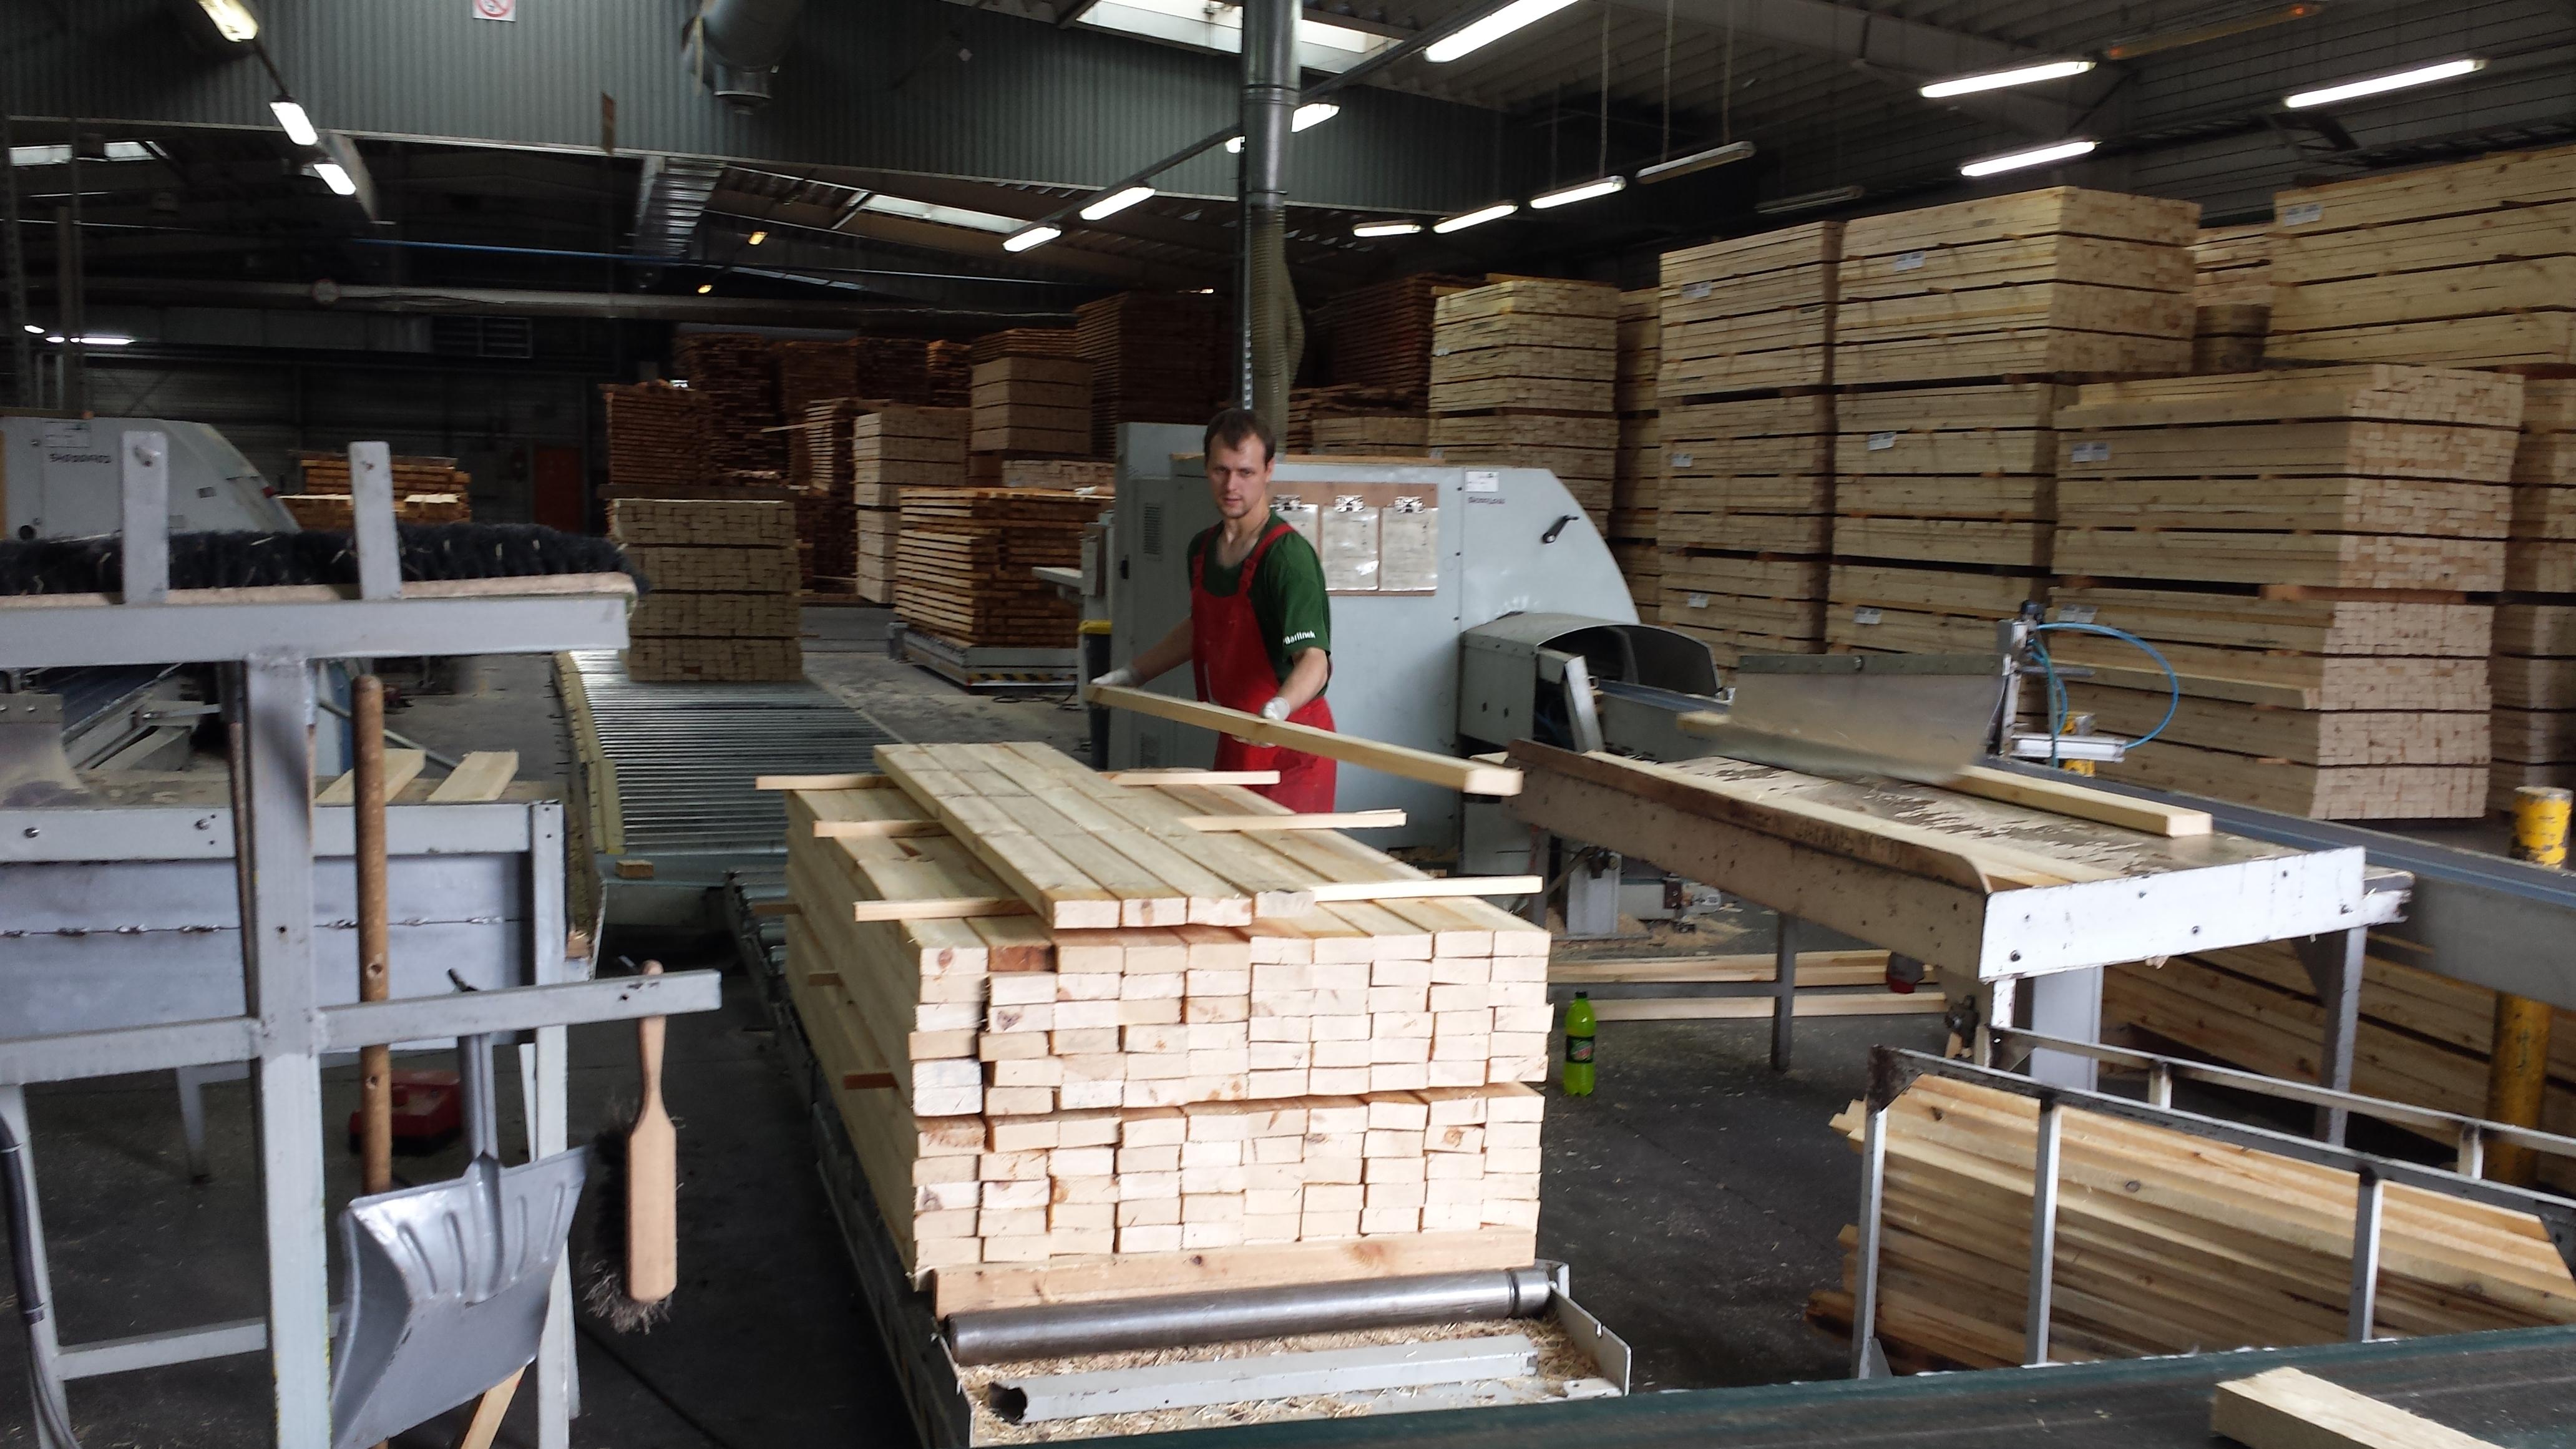 Работа в Польше надервообрабатывающий завод